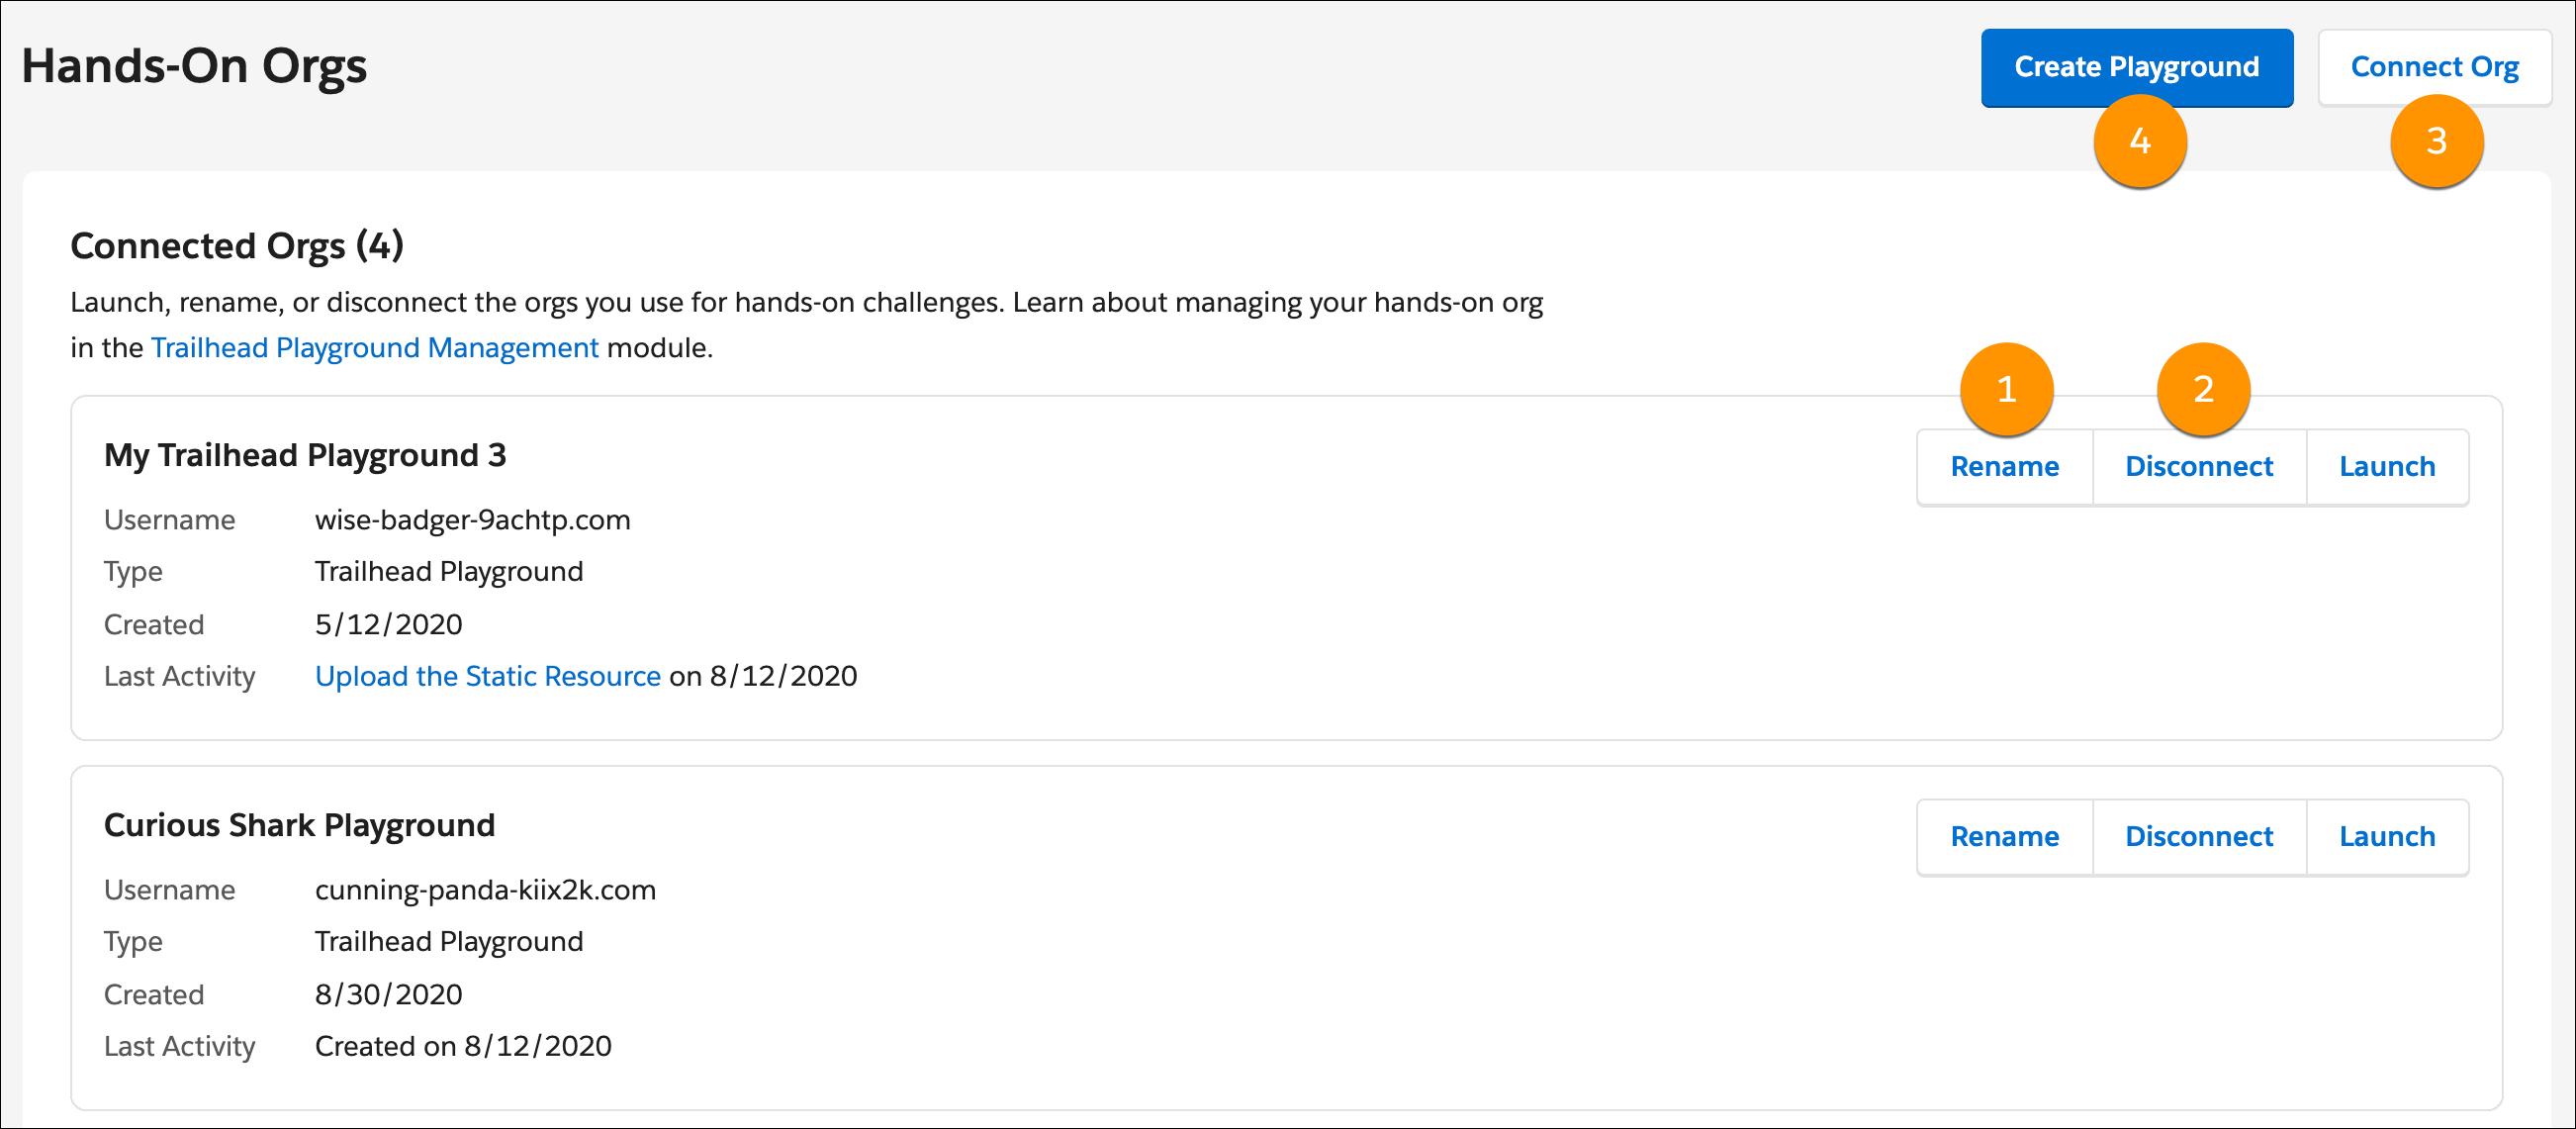 La página de gestión de organización, con una llamada a los botones Cambiar nombre, Conectar organización y Crear Playground